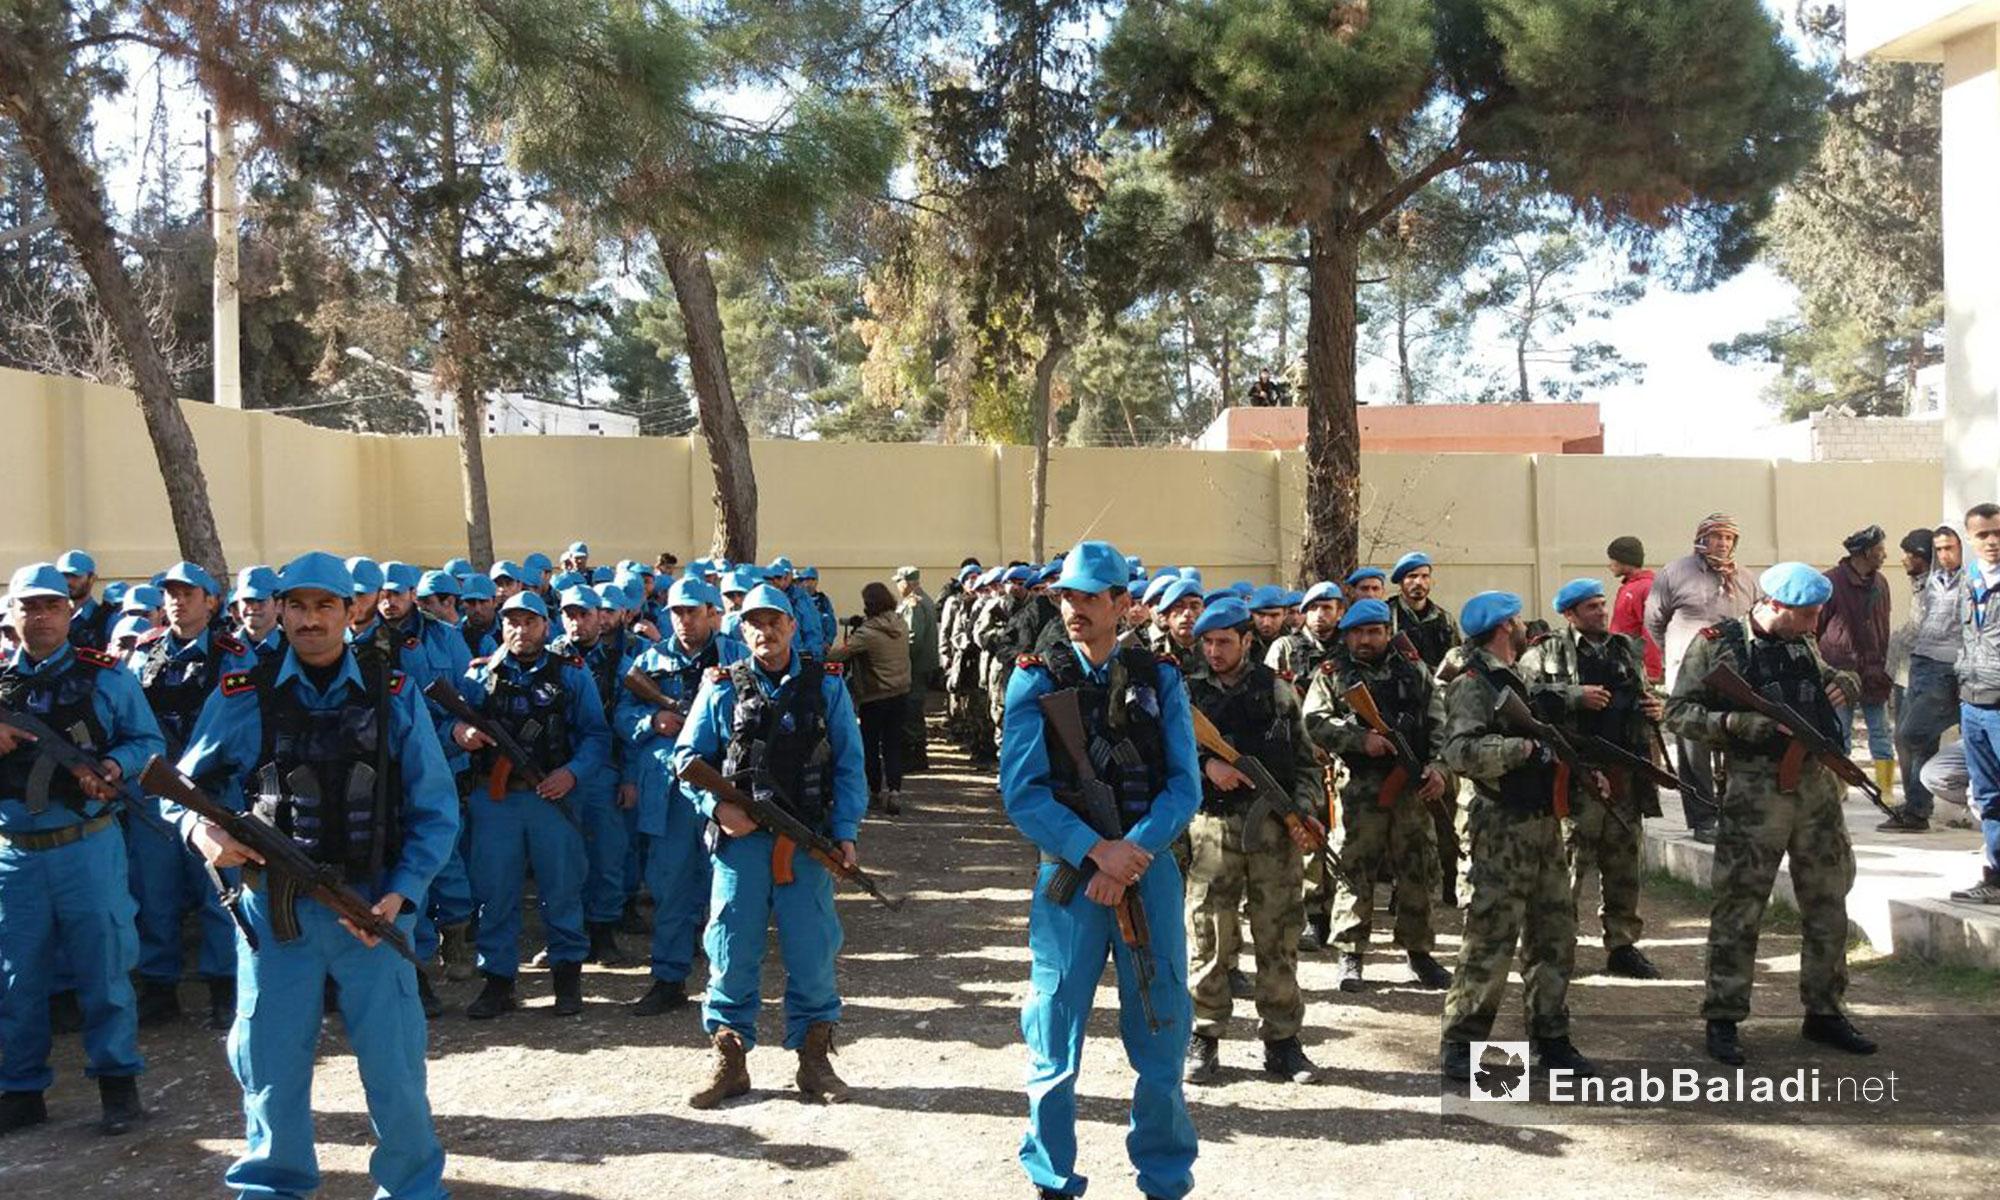 تخريج أول دفعة من الشرطة المدنية في مناطق استعادتها عملبات درع الفرات - 24 كانون الثاني 2017 (عنب بلدي)